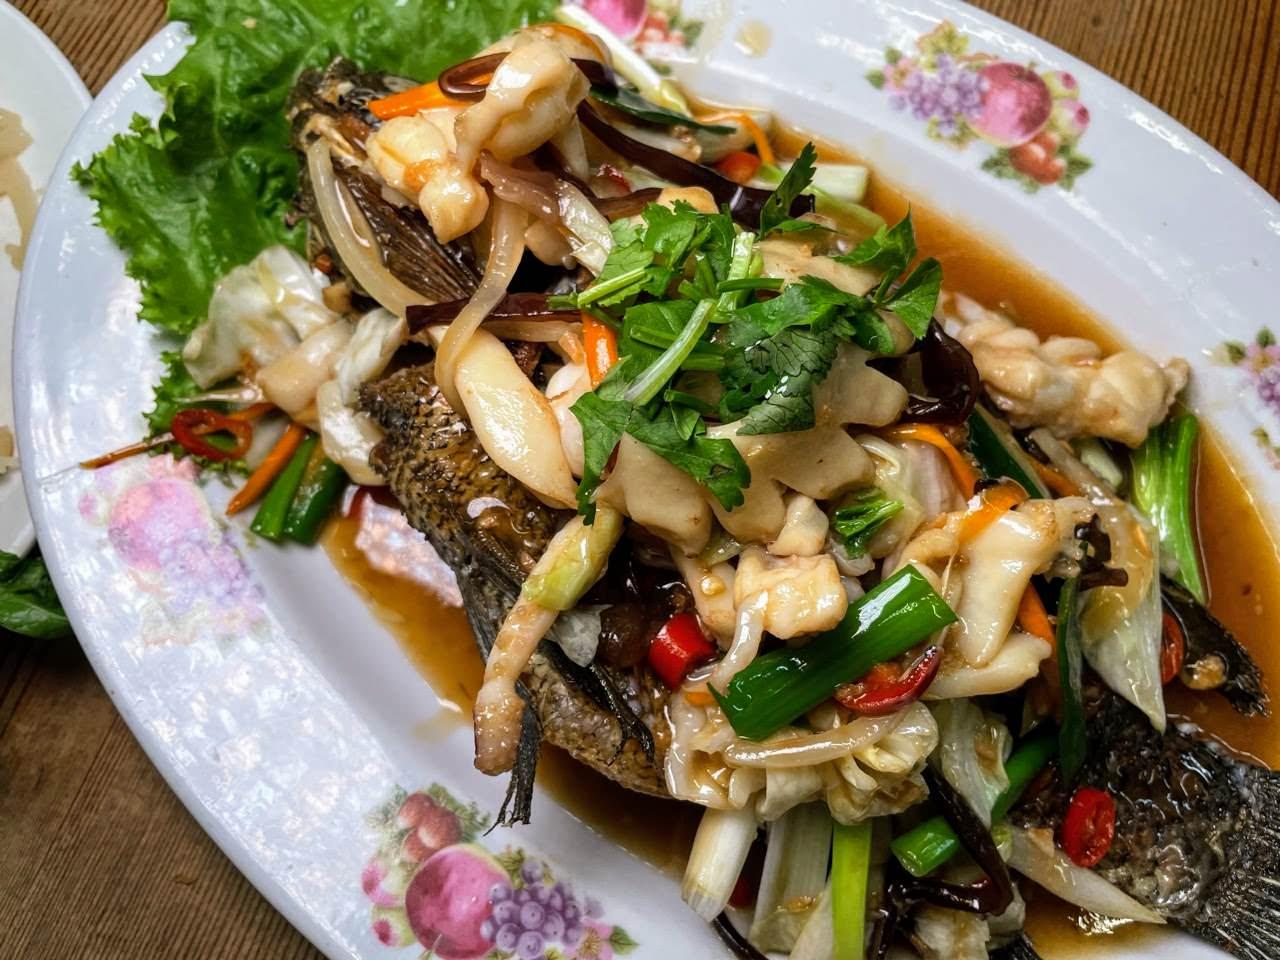 台灣小吃古董民藝。嘉義隱藏版的台灣道地好滋味 好吃的粉肝、筍絲大腸與無敵煎魚!